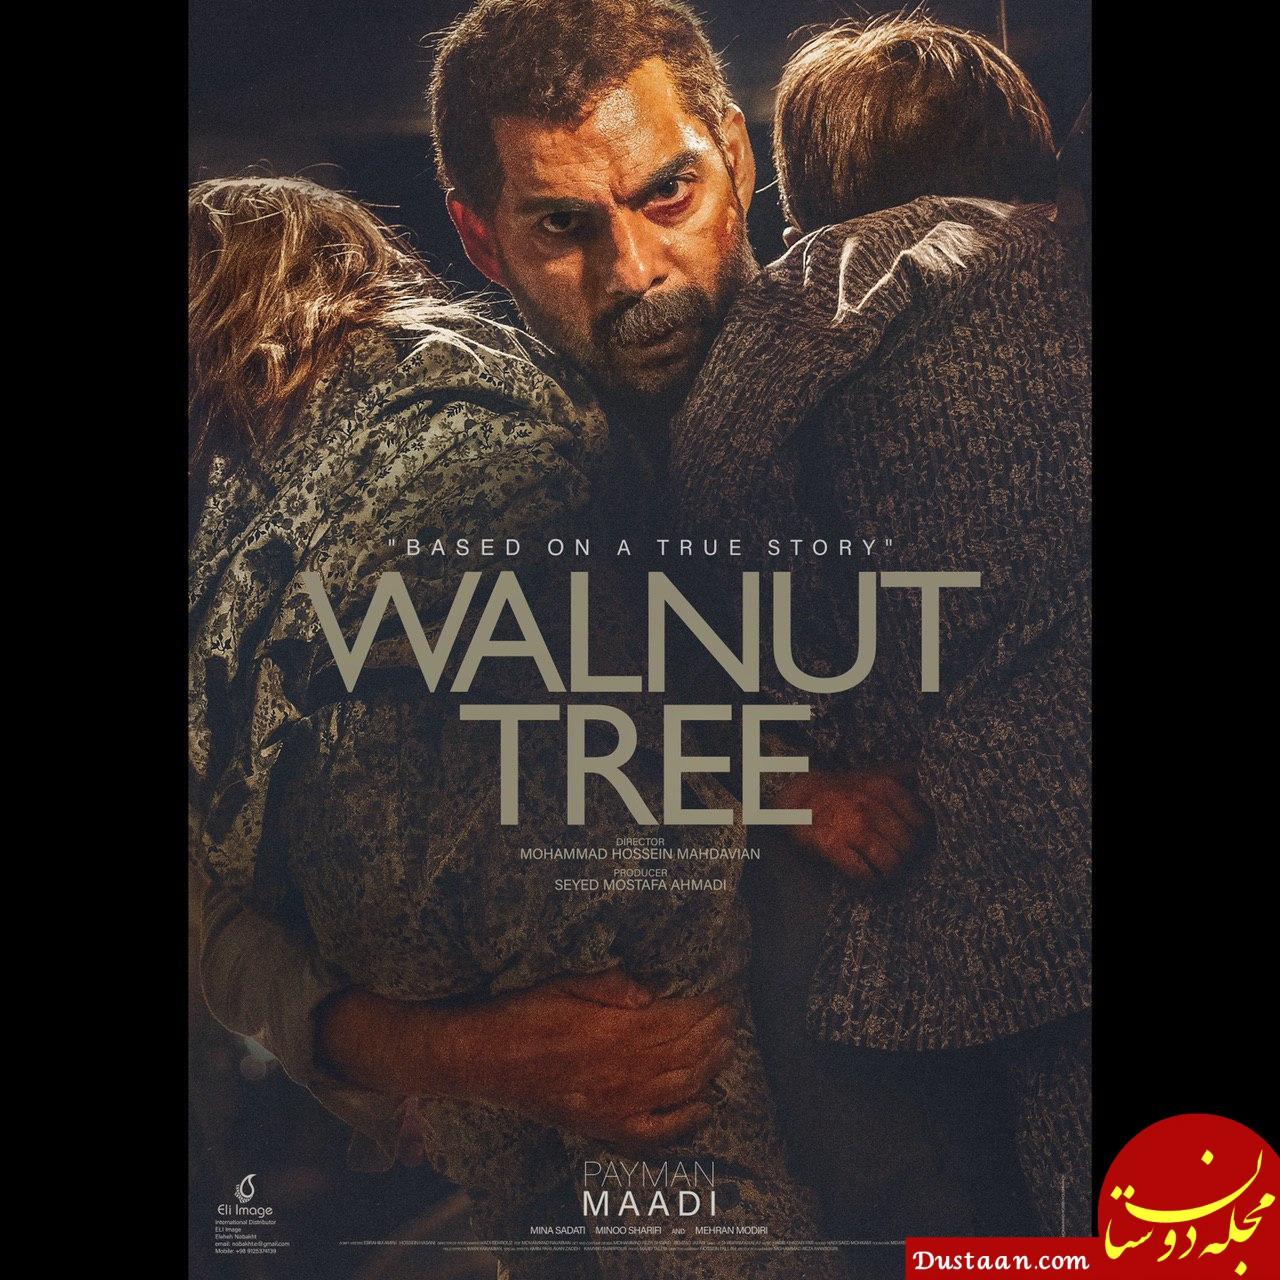 www.dustaan.com - رونمایی از پوستر بین المللی «درخت گردو»